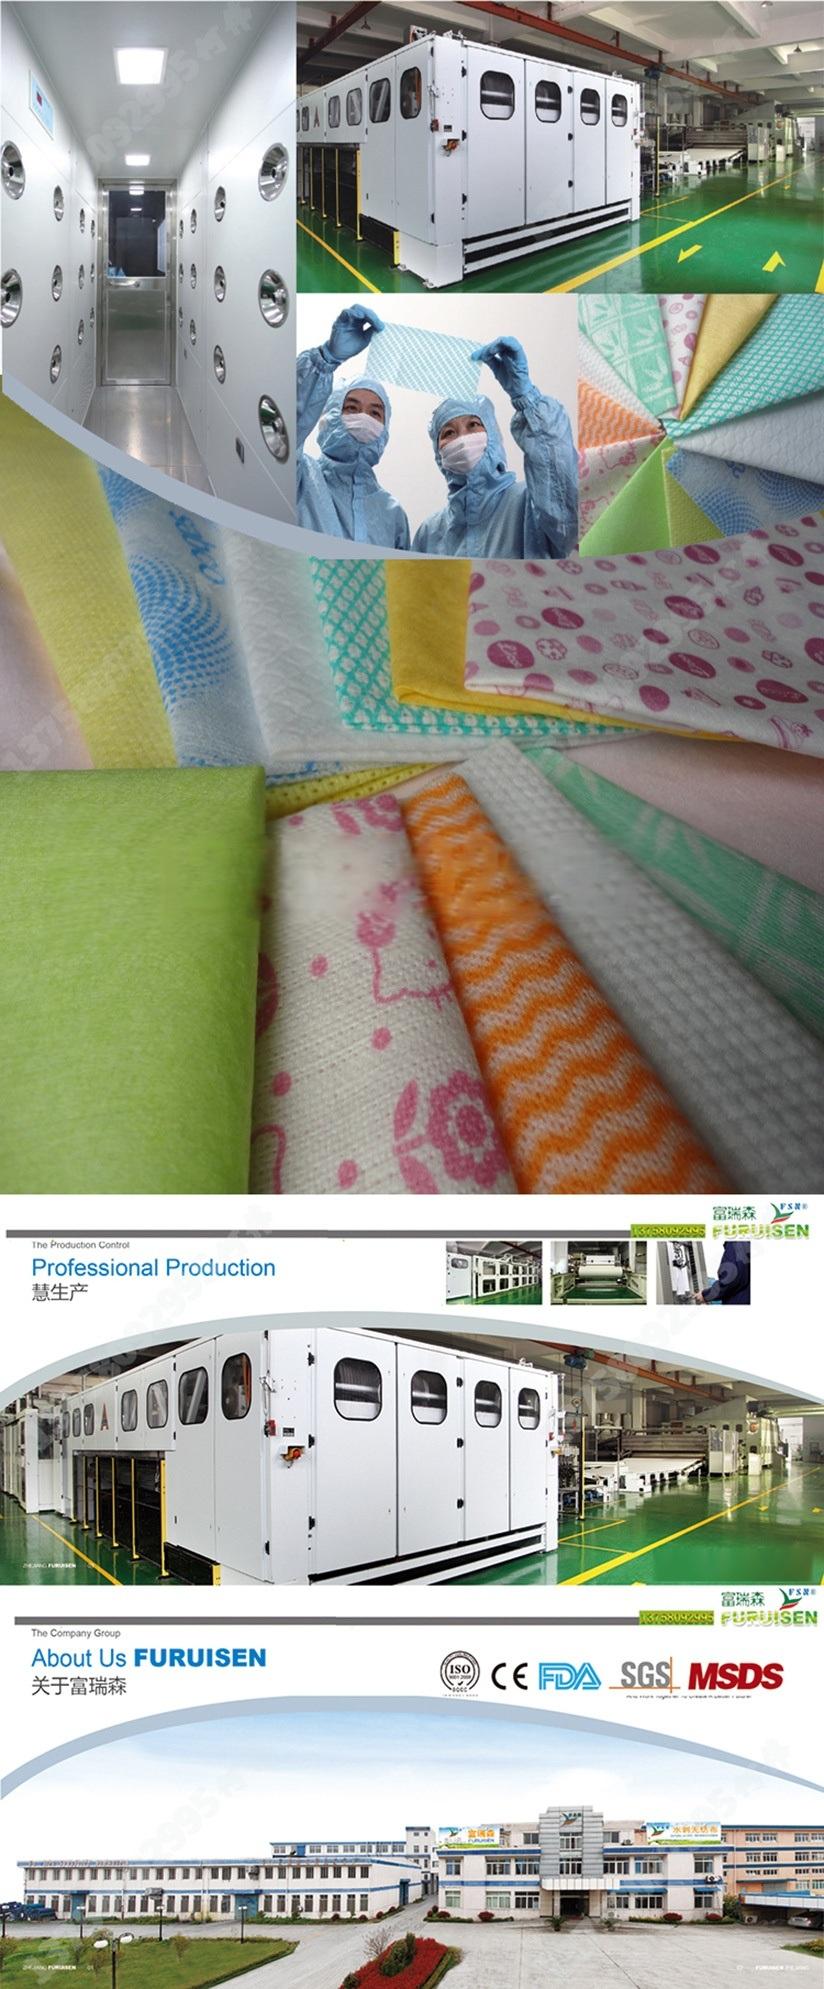 布料产品详细简介底图2(750宽度)